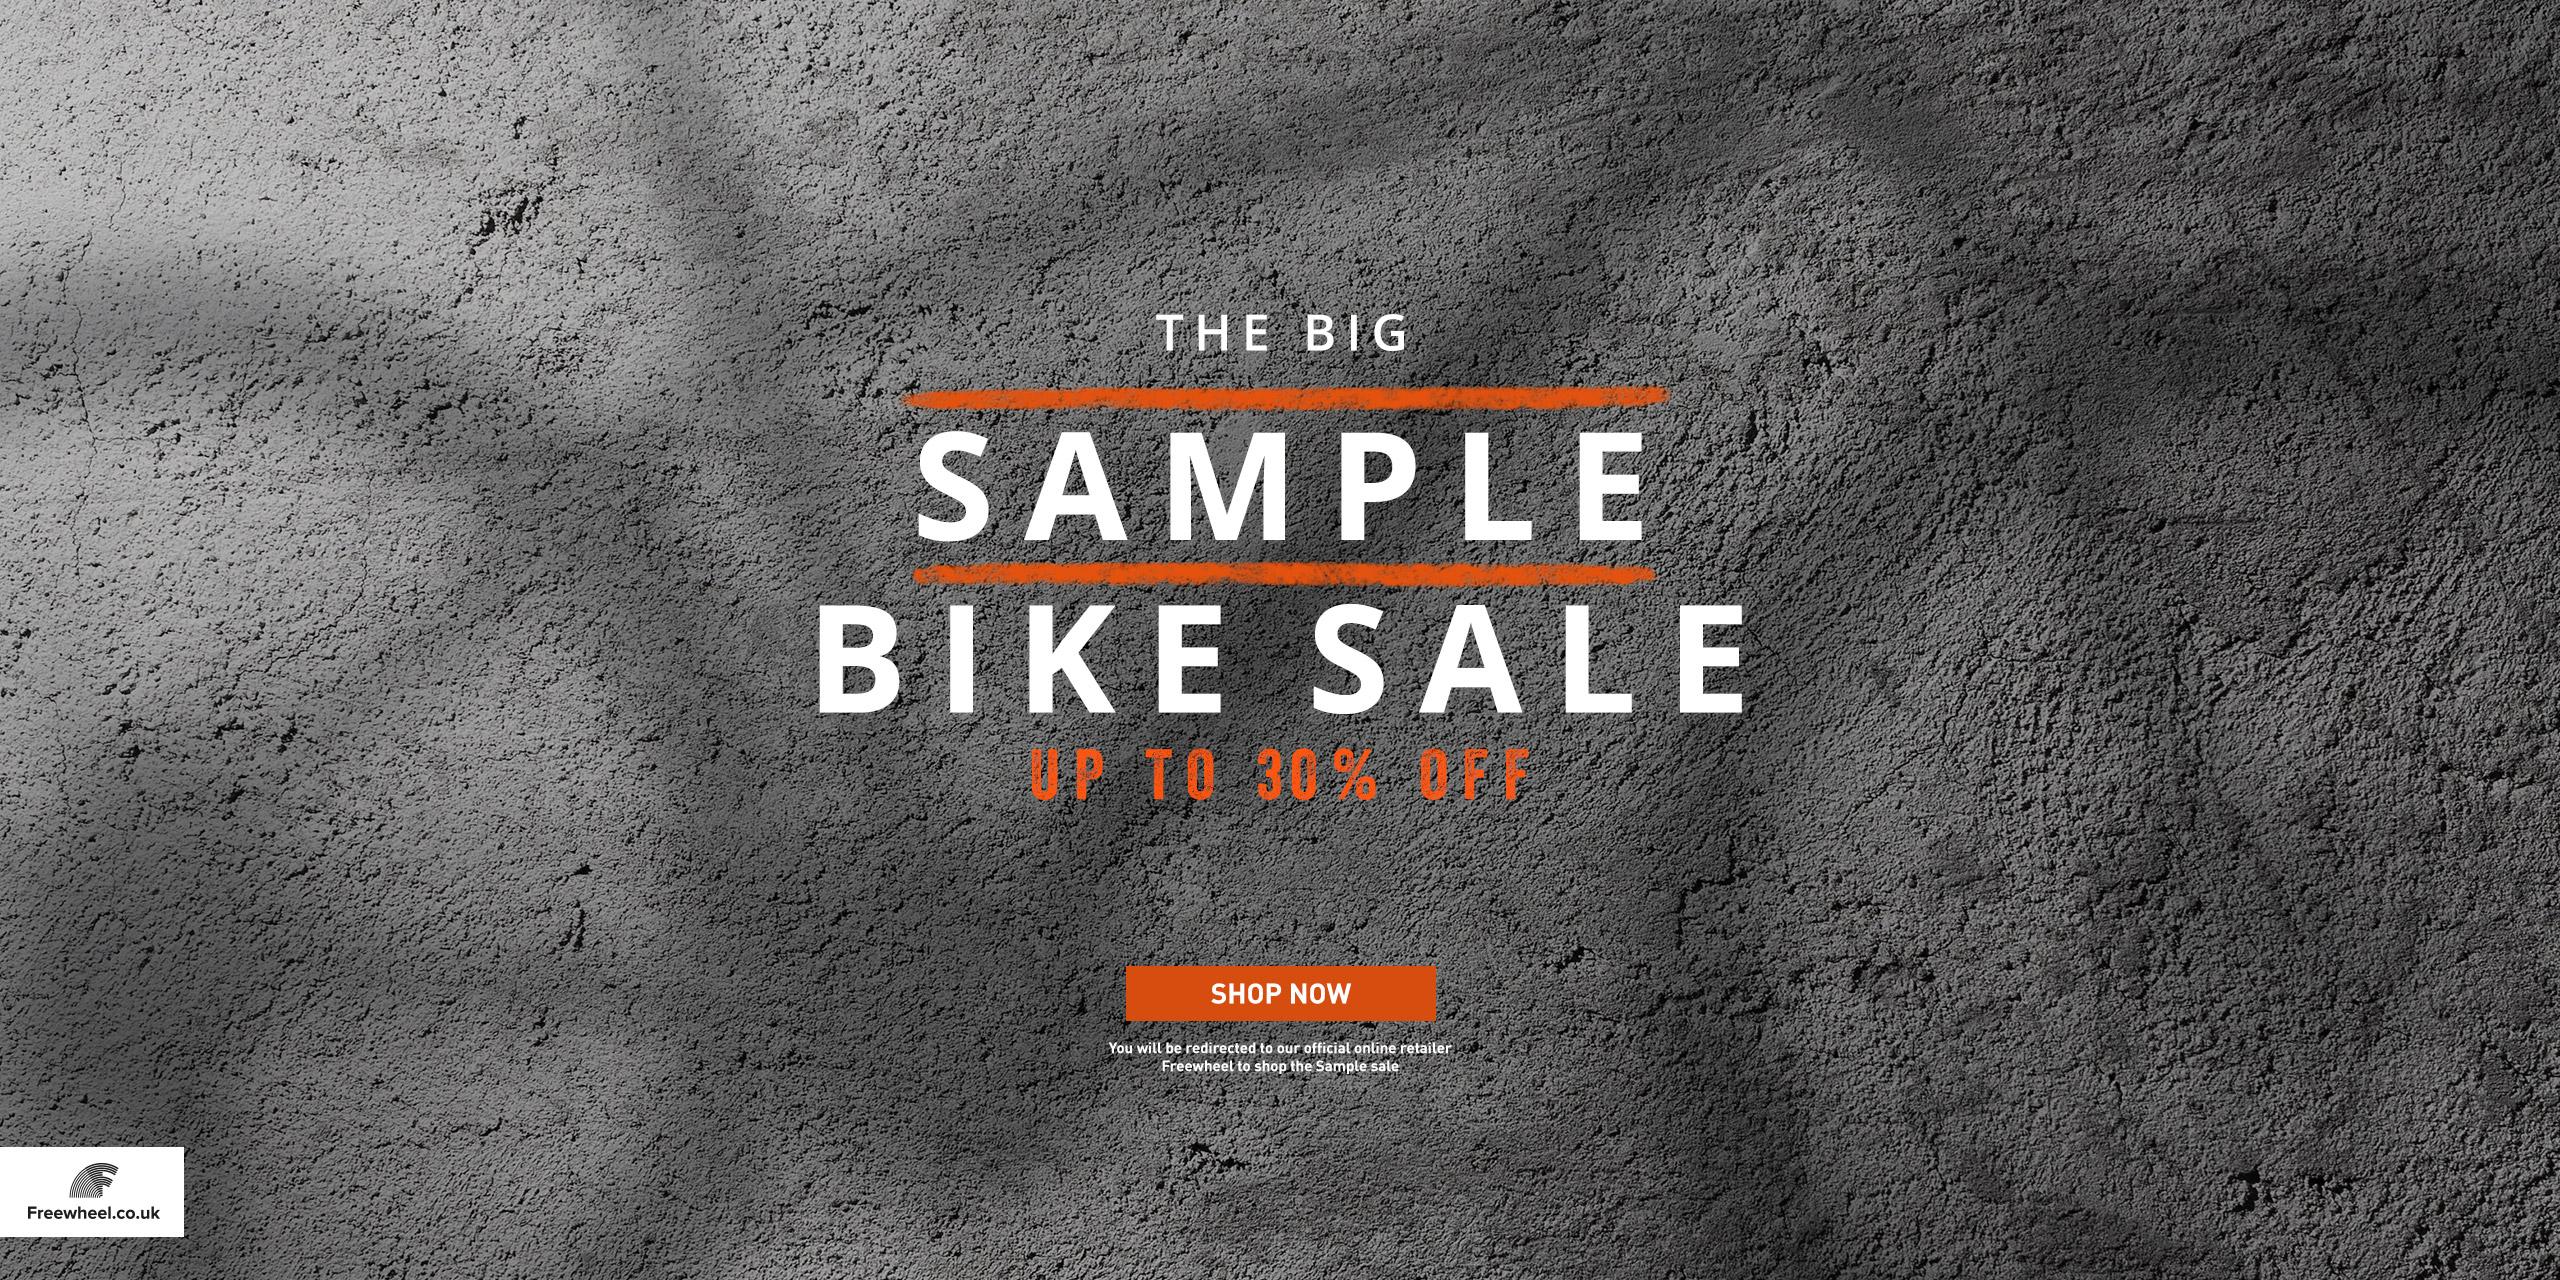 Sample Bike Sale